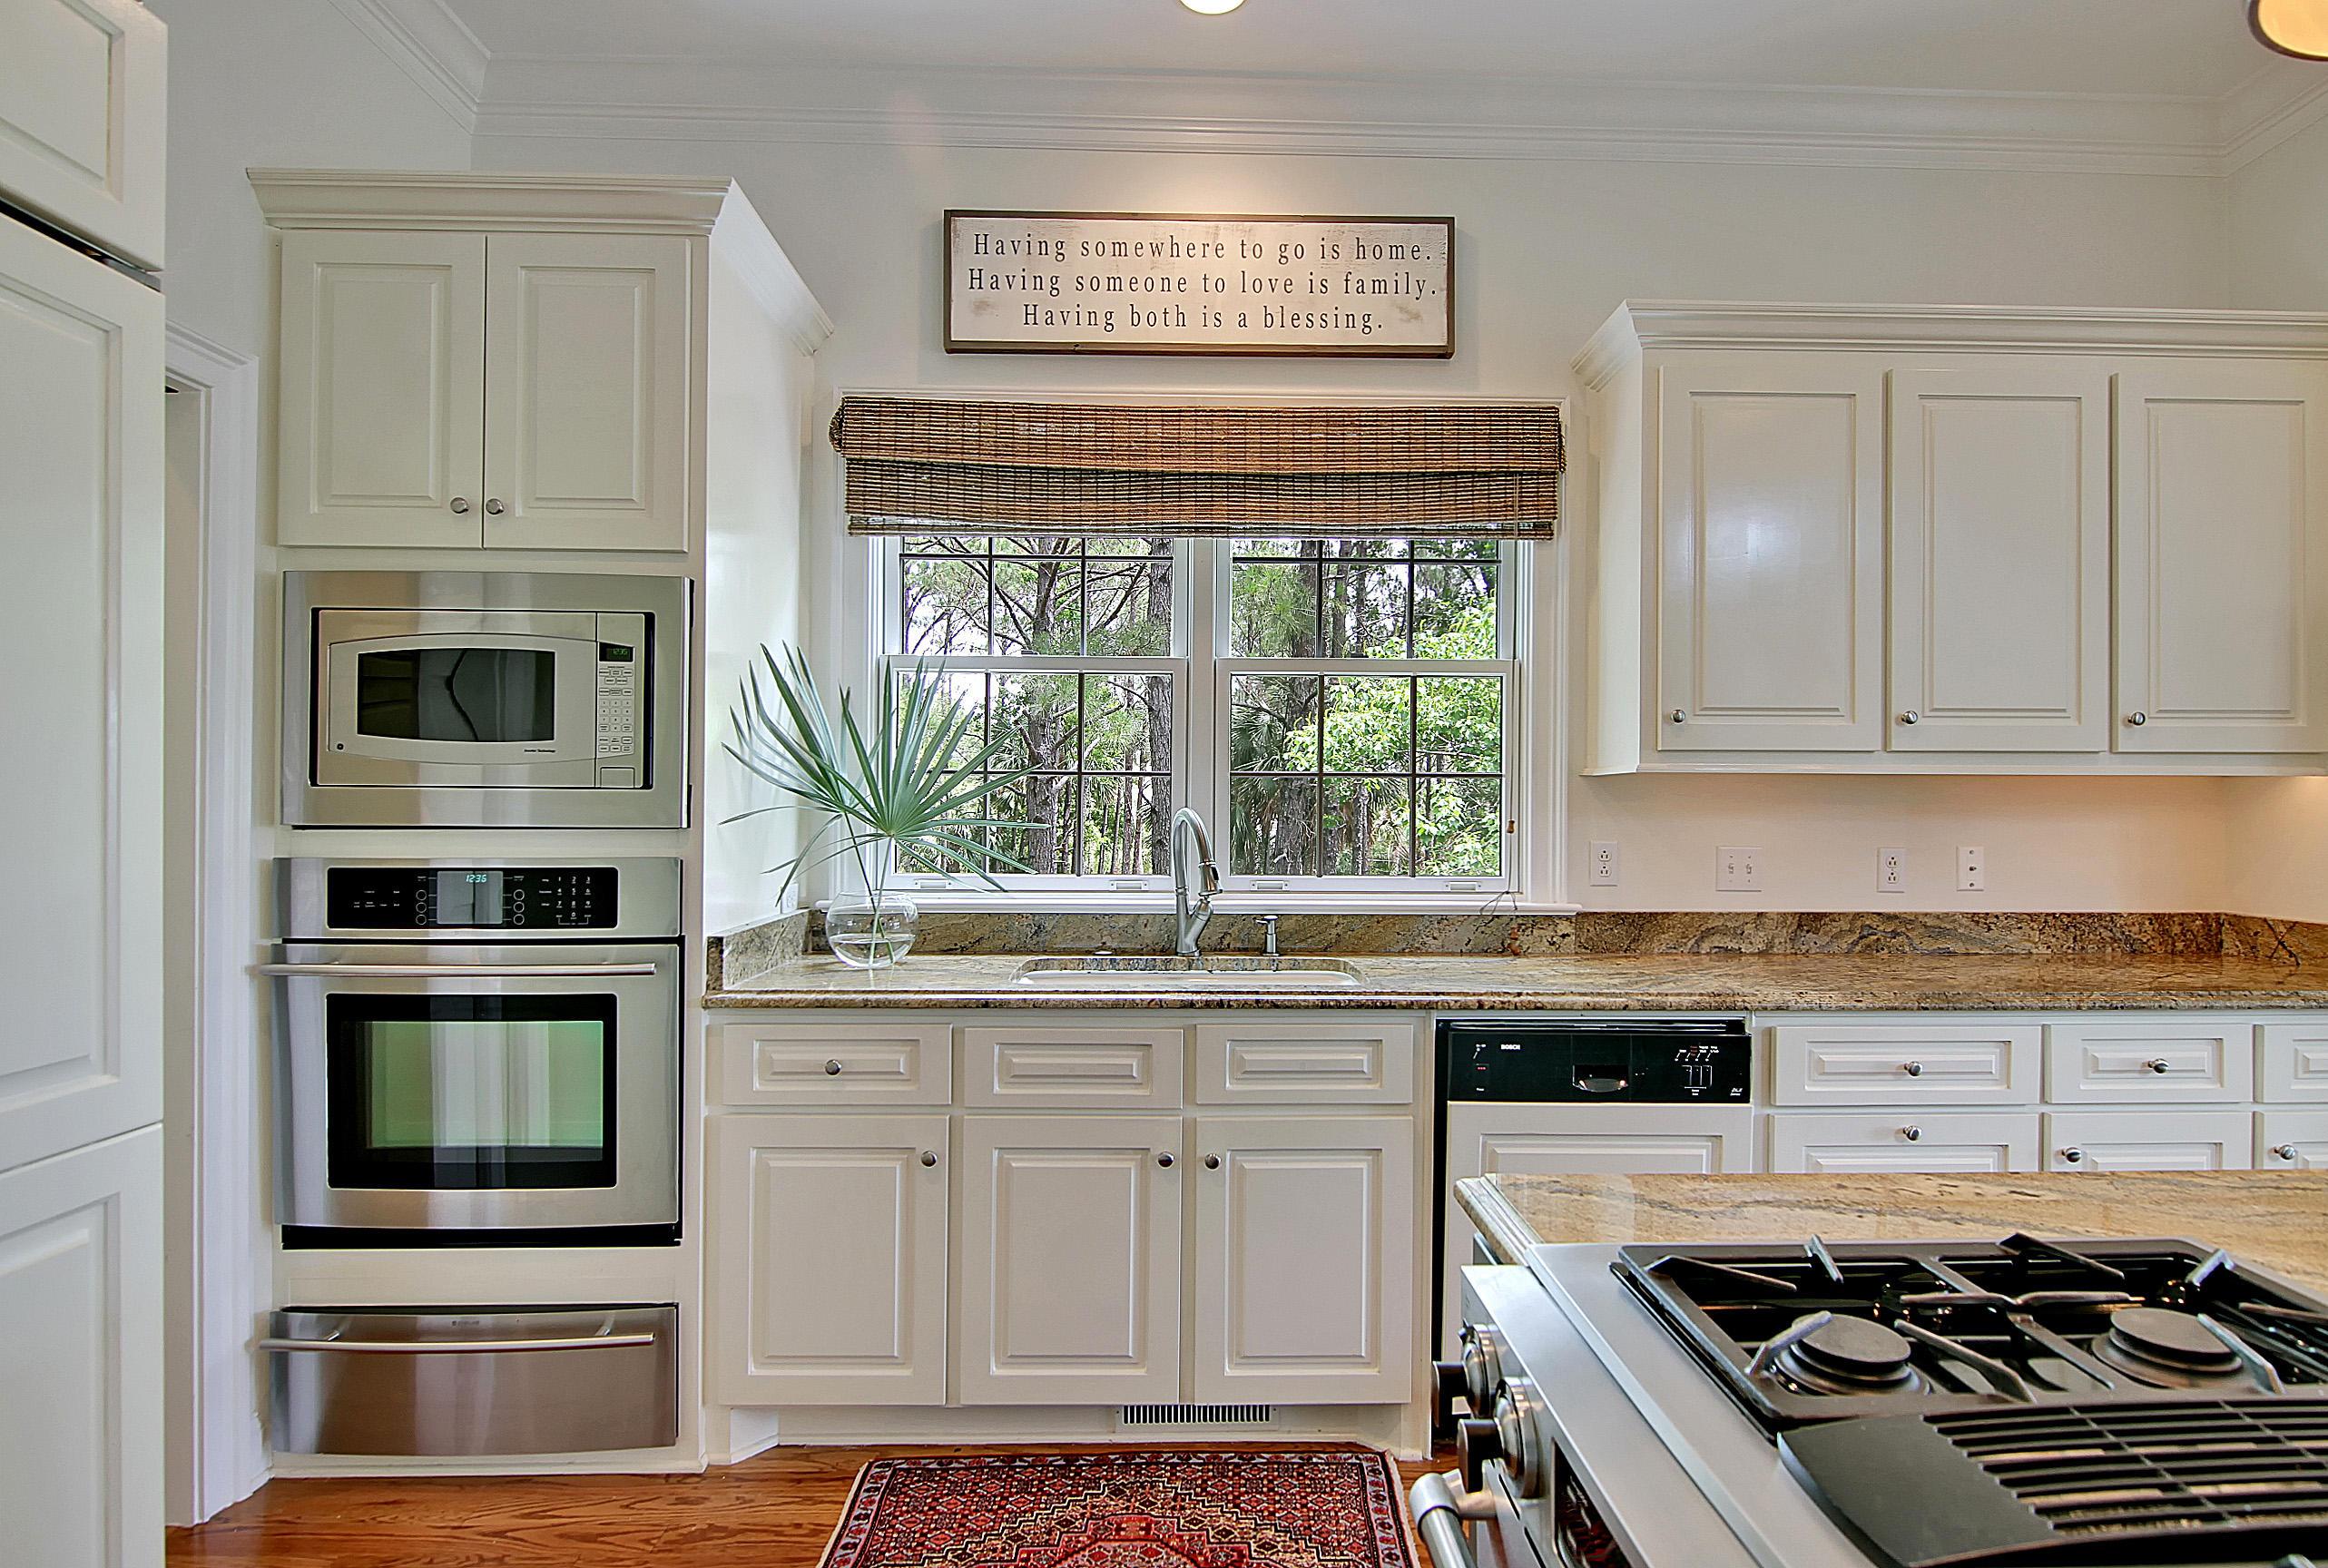 Dunes West Homes For Sale - 2282 Captain Waring, Mount Pleasant, SC - 59